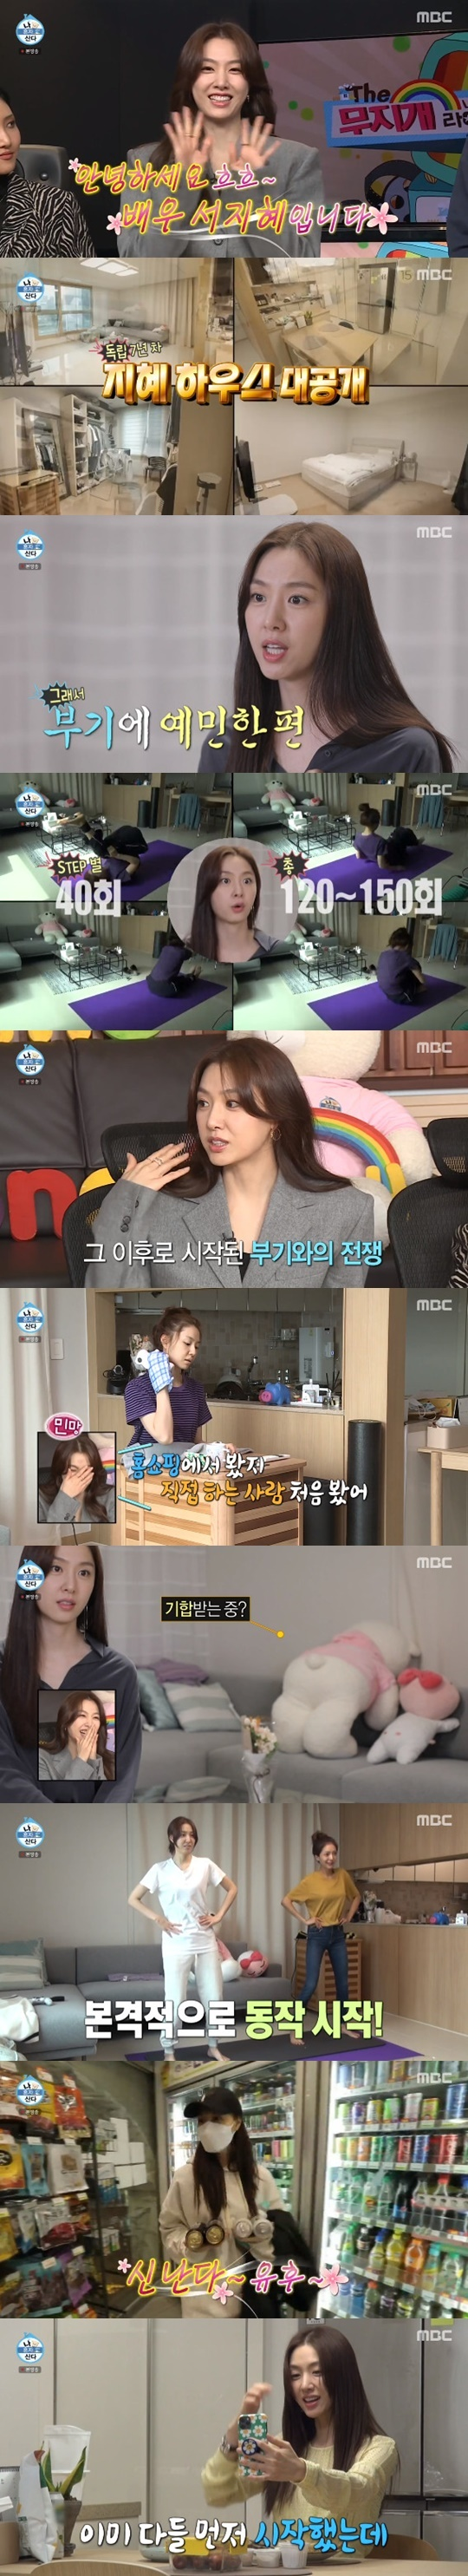 '나혼자산다' 서지혜, 독립 7년 차 생활 공개…'부기'와의 전쟁(종합)